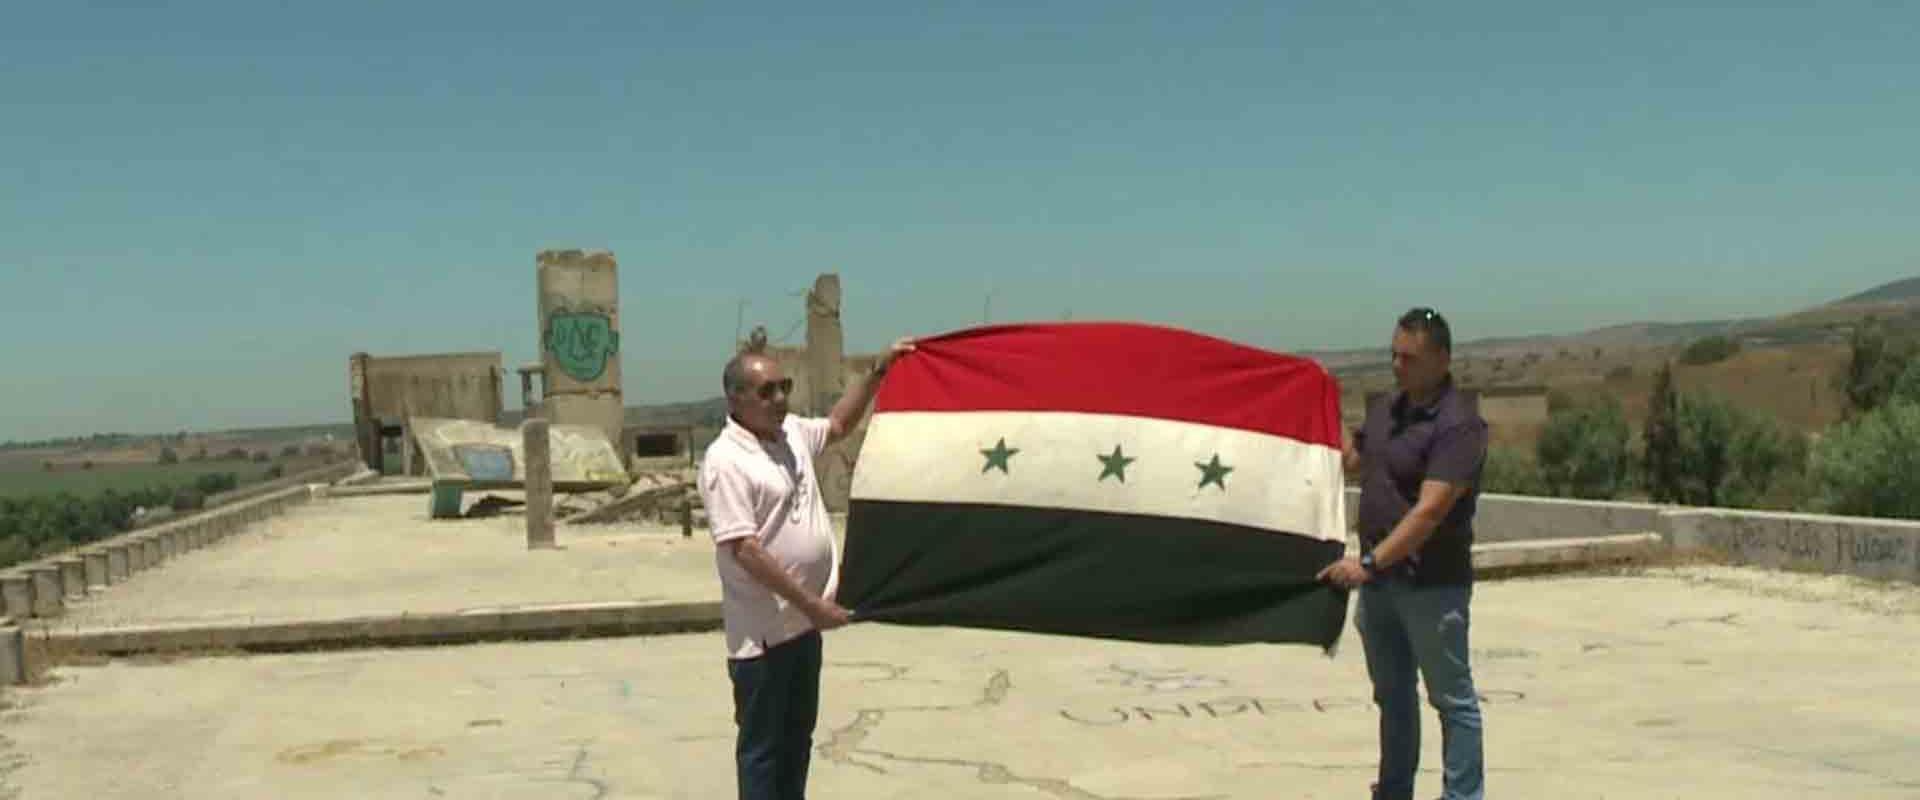 הדגל הסורי שחזר לגולן